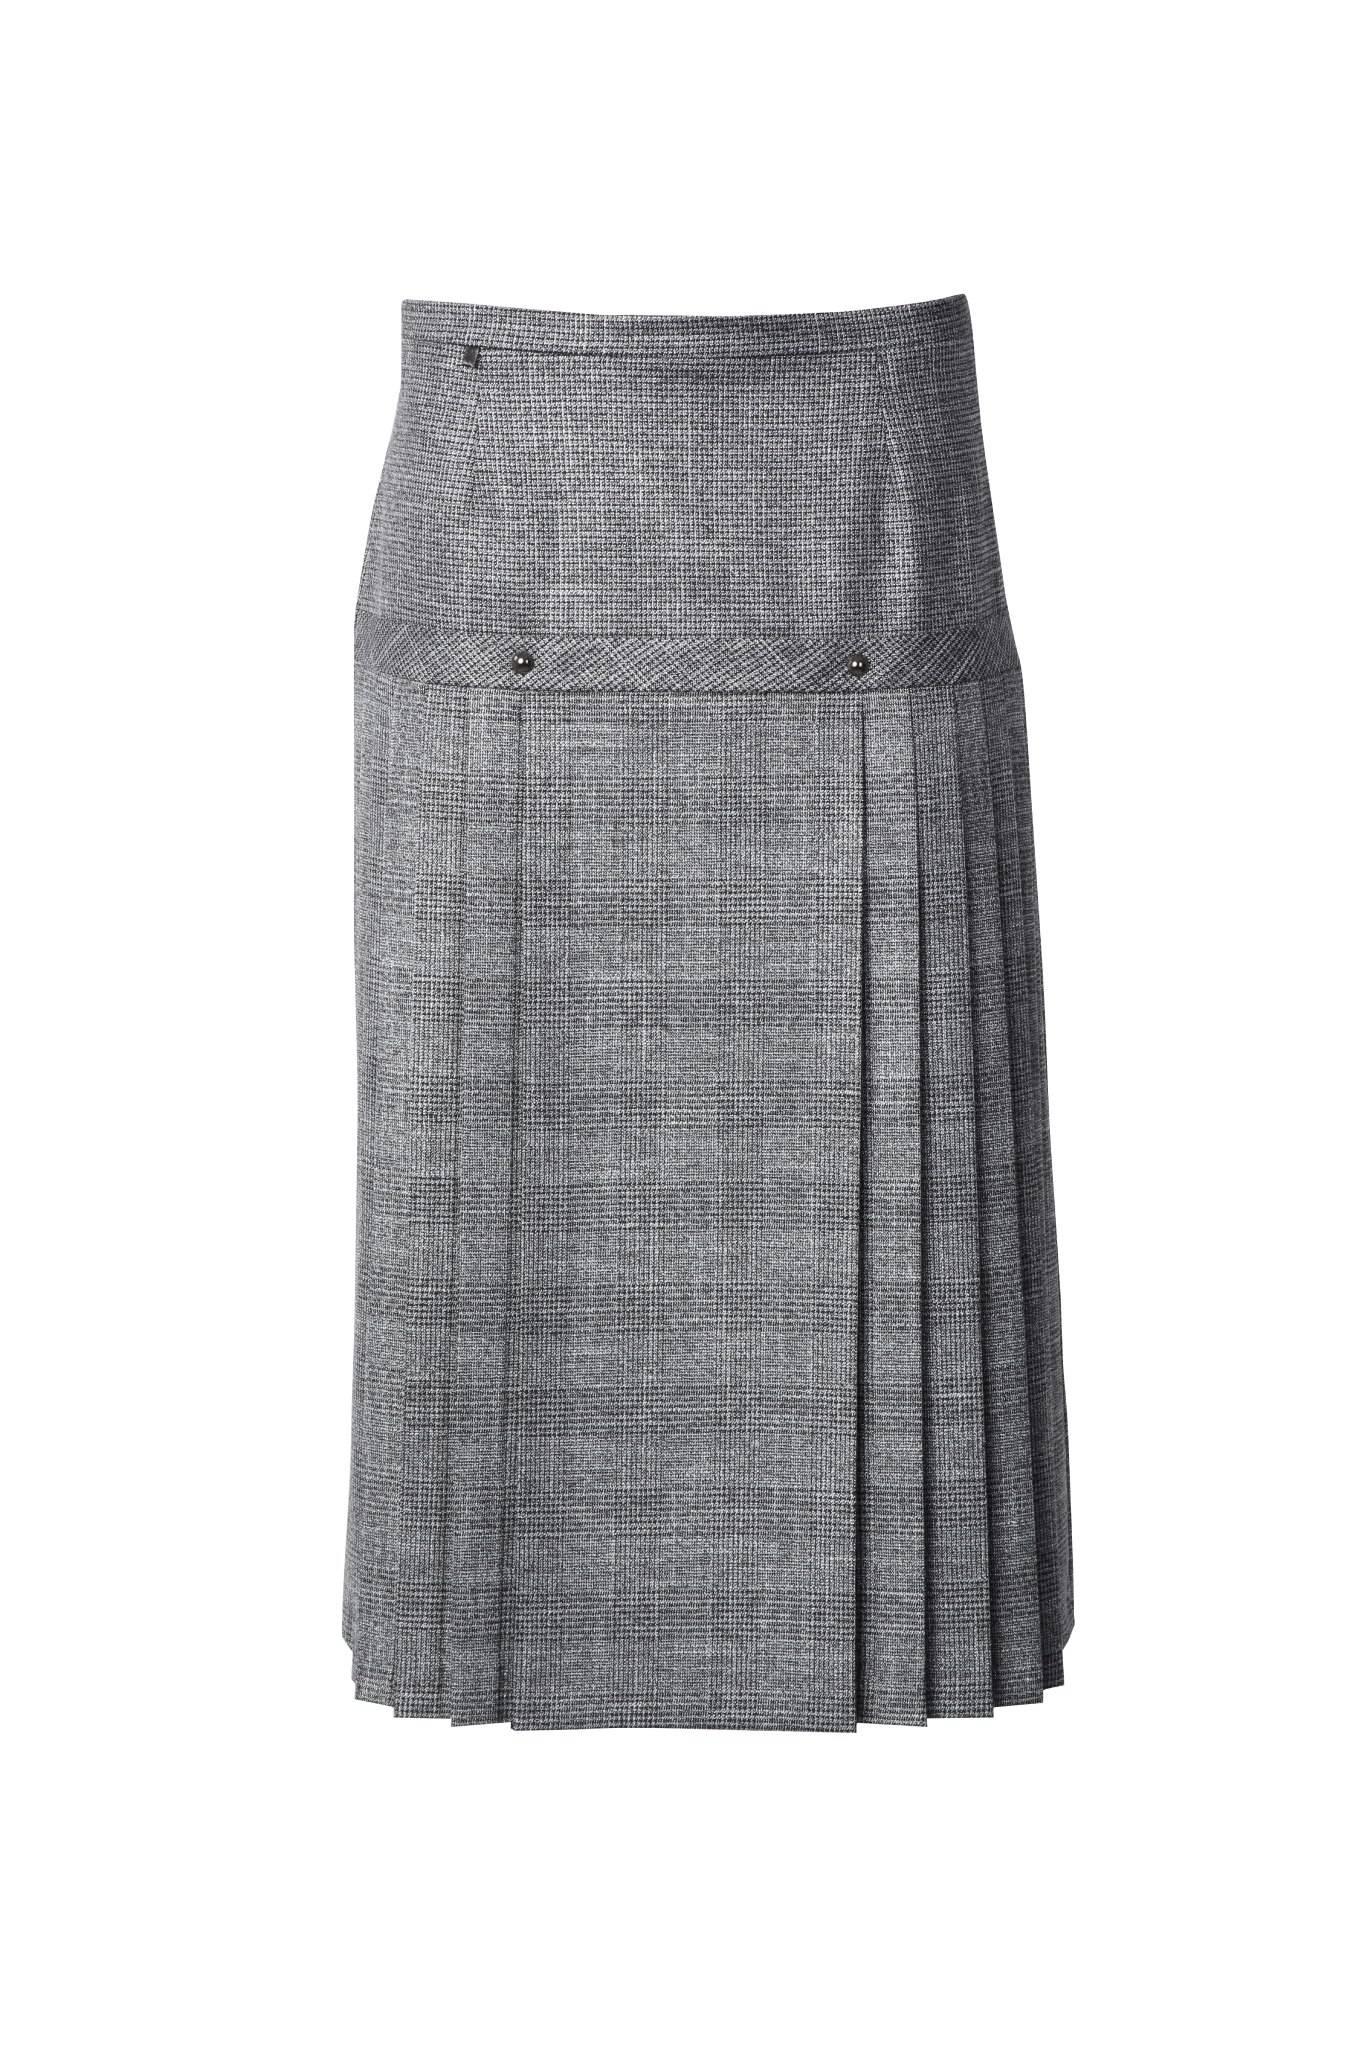 1232 Jumitex szara spodnica w kratke przod